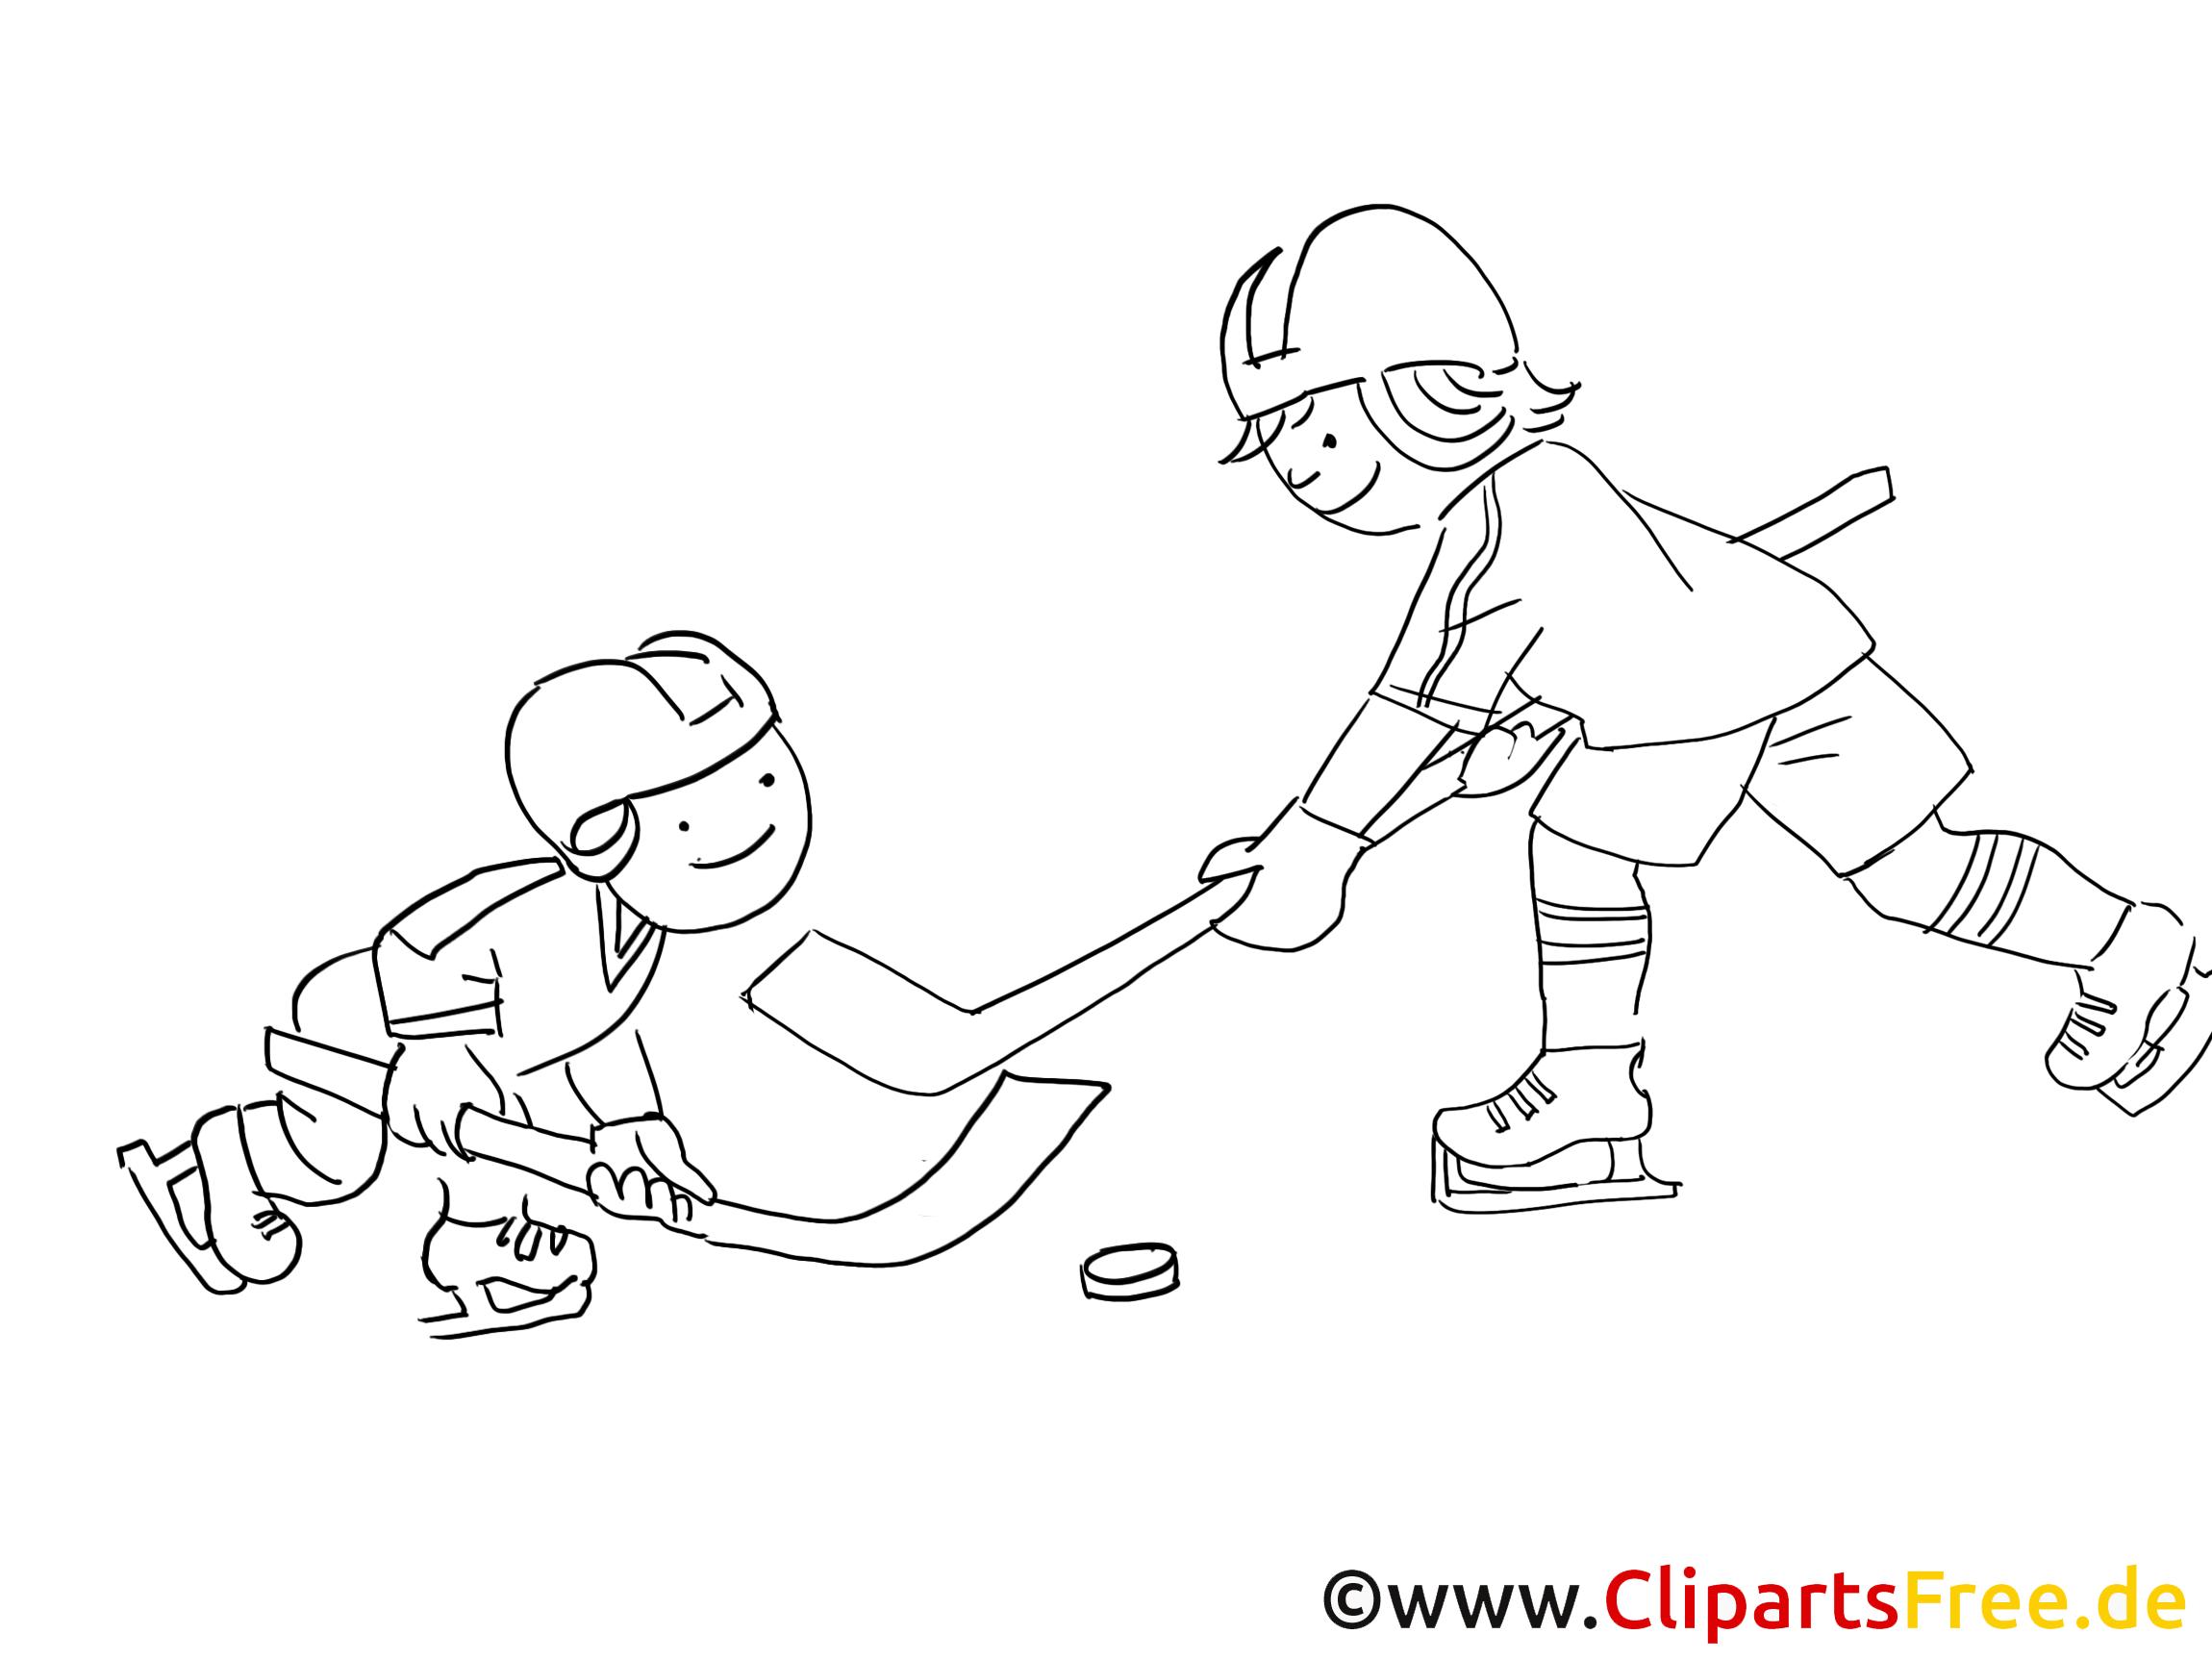 Kinder Spielen Eishockey Malvorlage Winter Sport